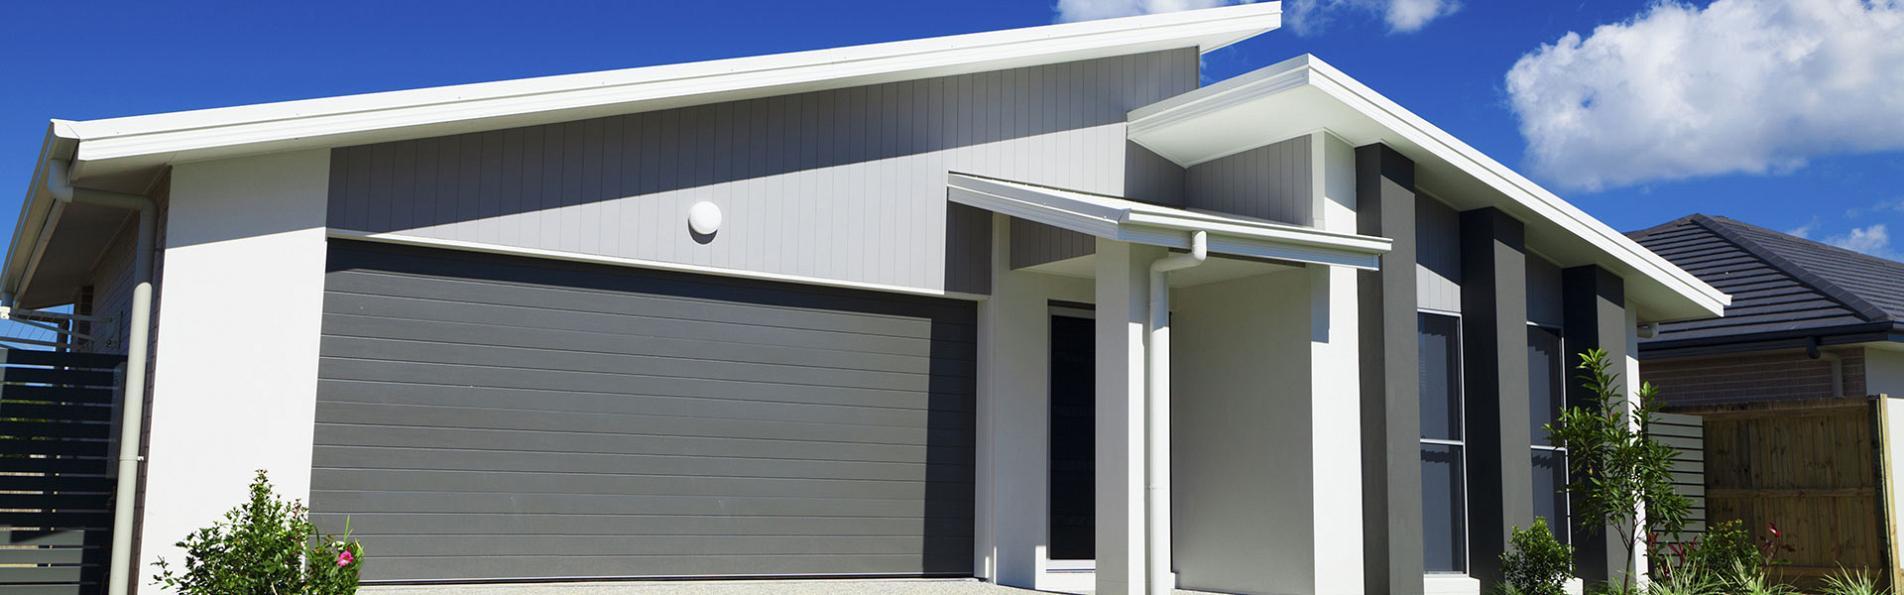 United Garage Doors Roll Up Garage Doors Redlands Ca 909 695 0533